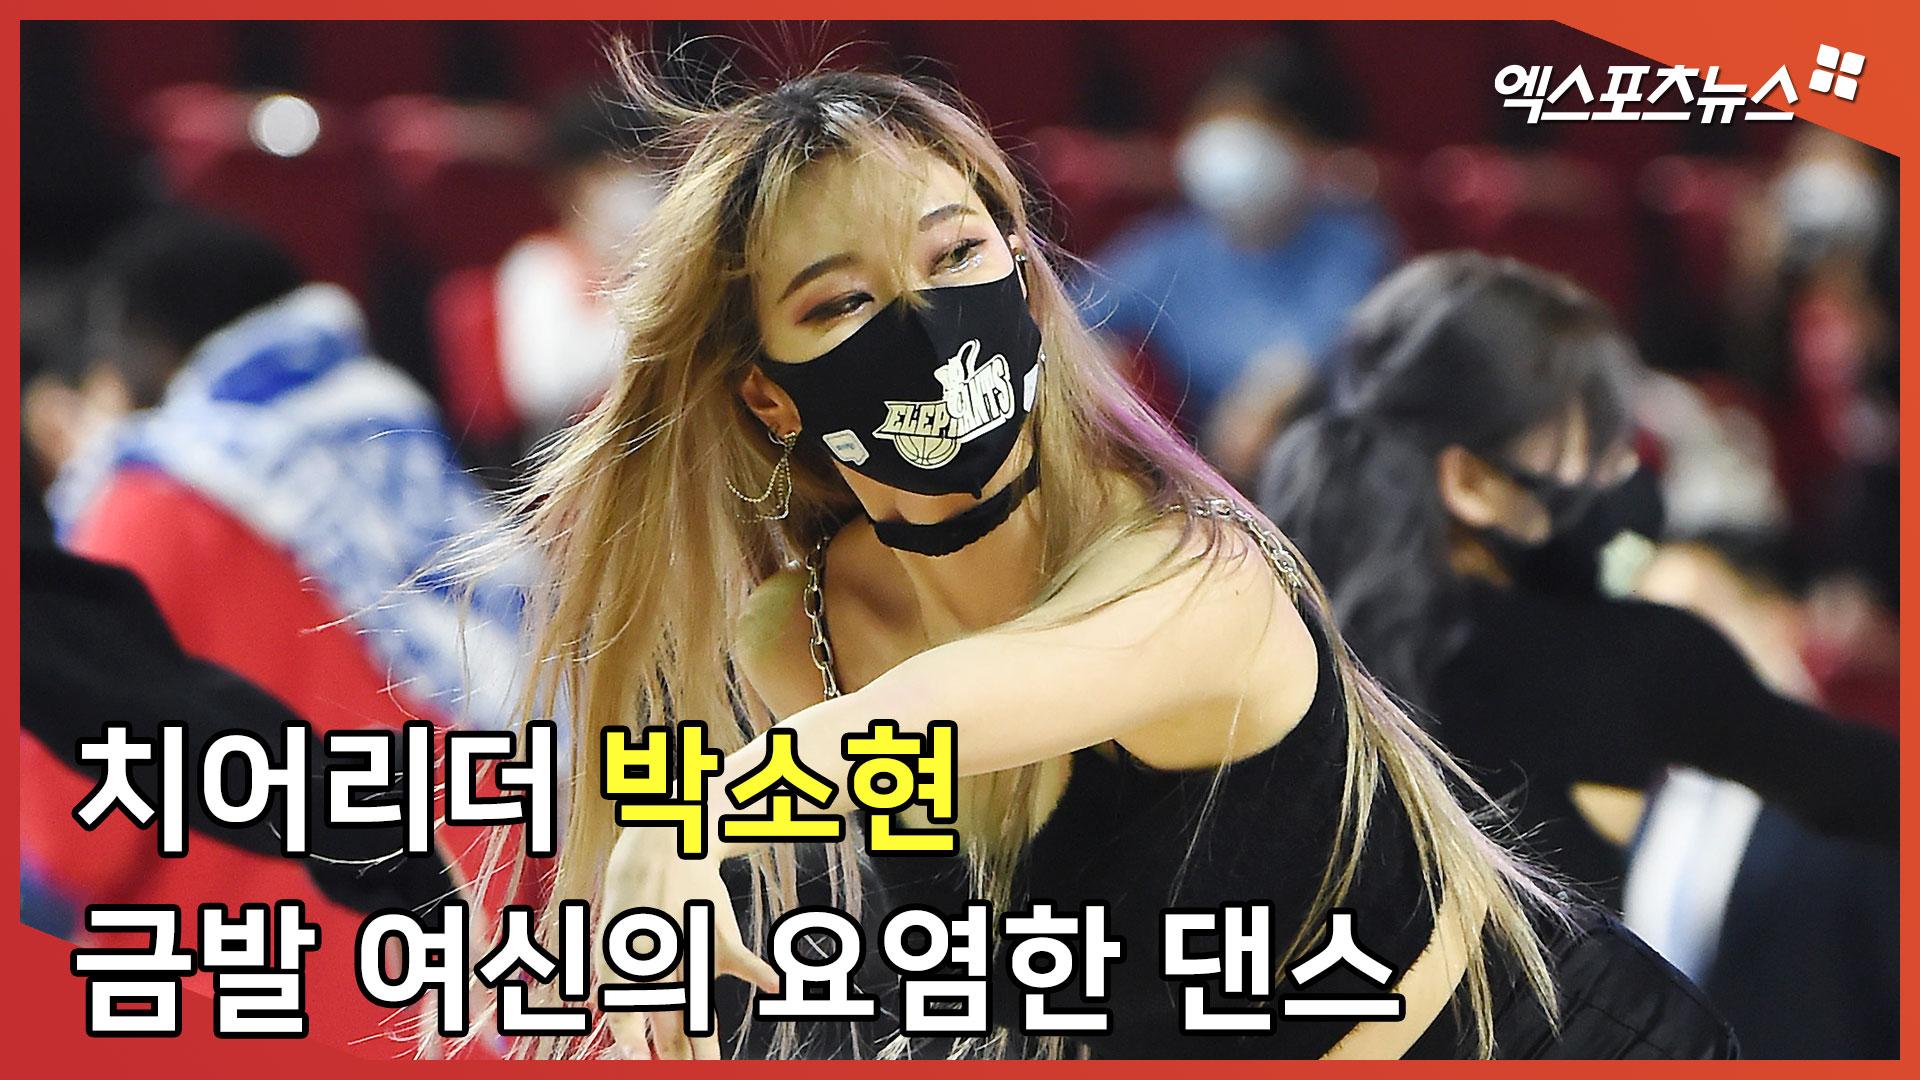 치어리더(Cheerleader) 박소현 '금발 여신의 요염한 댄스'[엑's 영상]